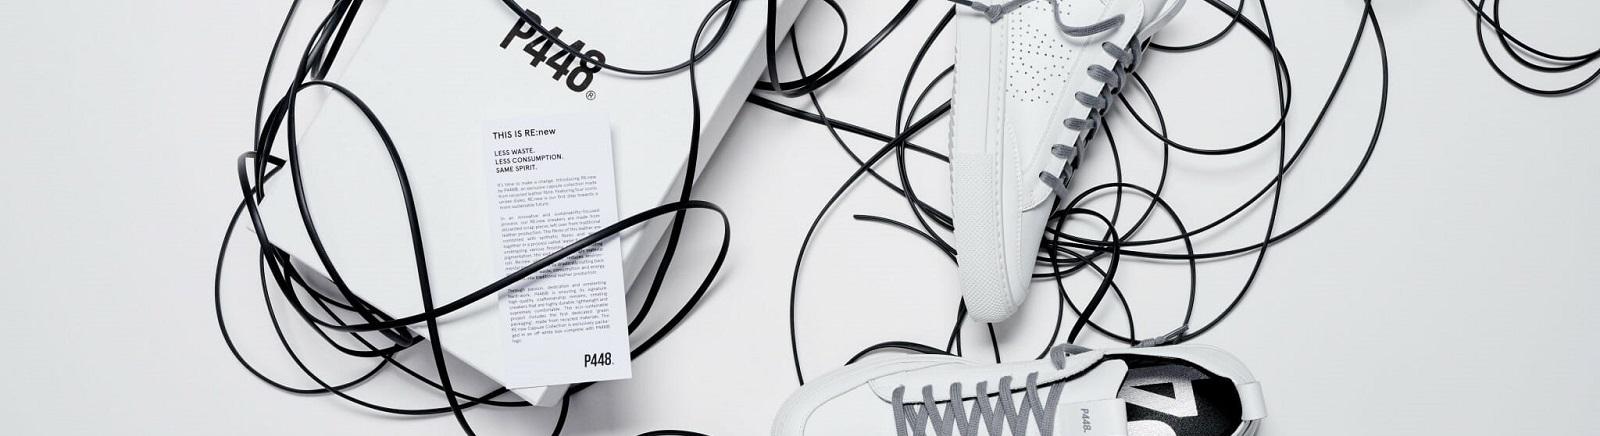 P448 Schnürschuhe für Damen im Online-Shop von GISY kaufen